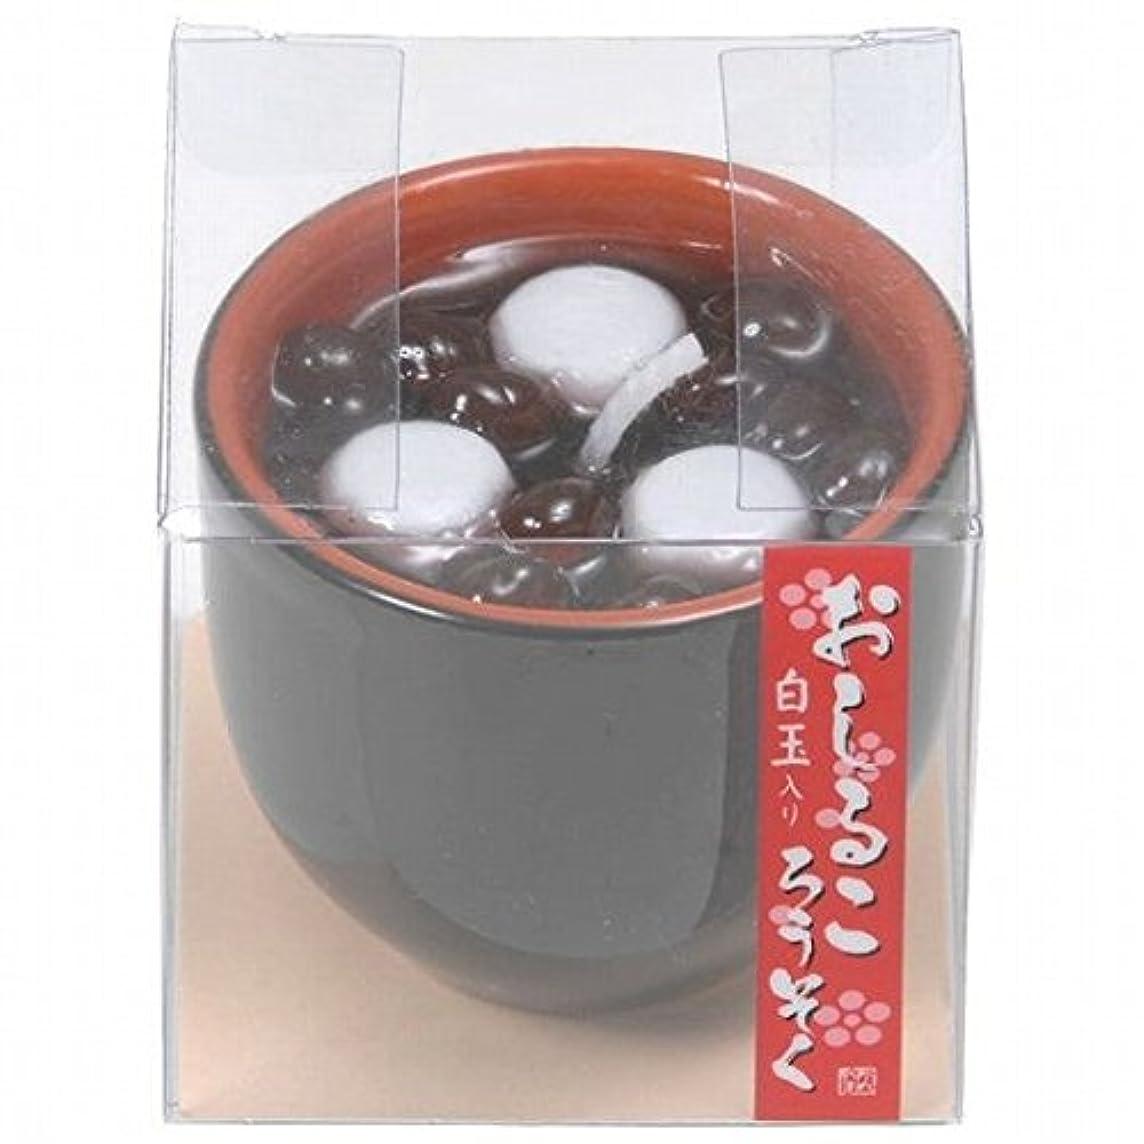 いう市場論争的kameyama candle(カメヤマキャンドル) おしるころうそく キャンドル(86440000)